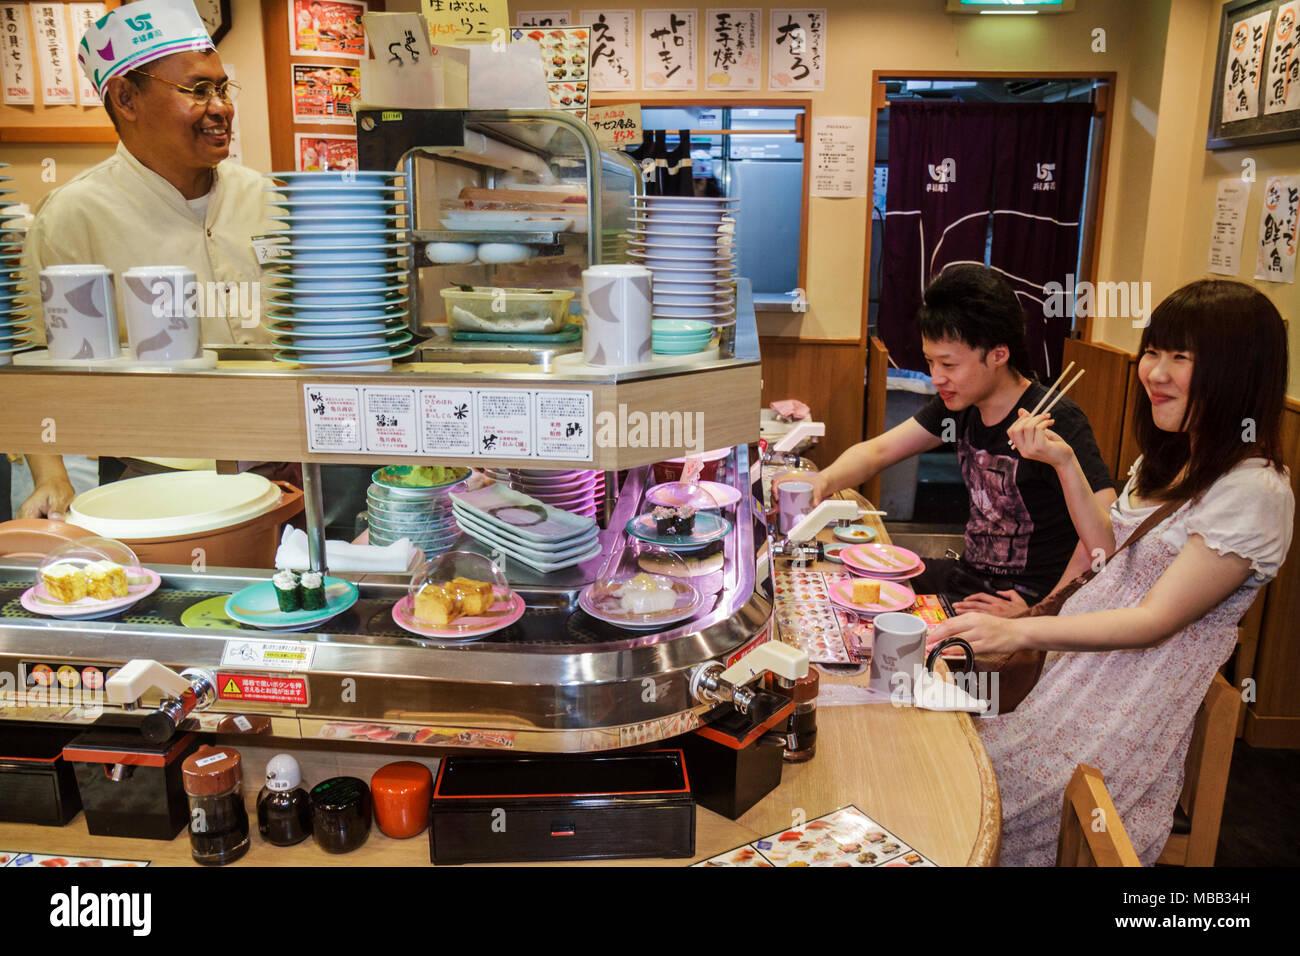 Tokio Japón Ikebukuro caracteres katakana hiragana kanji sushi bar restaurante asiático de correa transportadora hombre mujer pareja clientes che Imagen De Stock